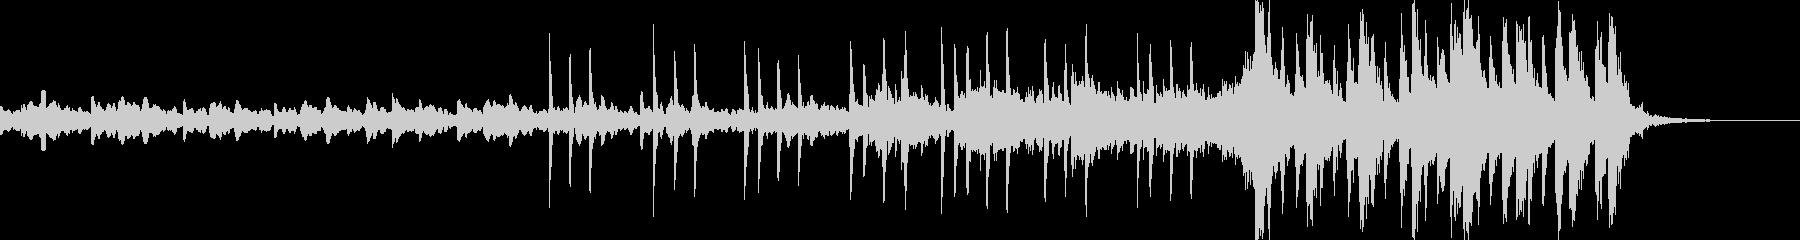 30秒動画用のオープニング音楽の未再生の波形